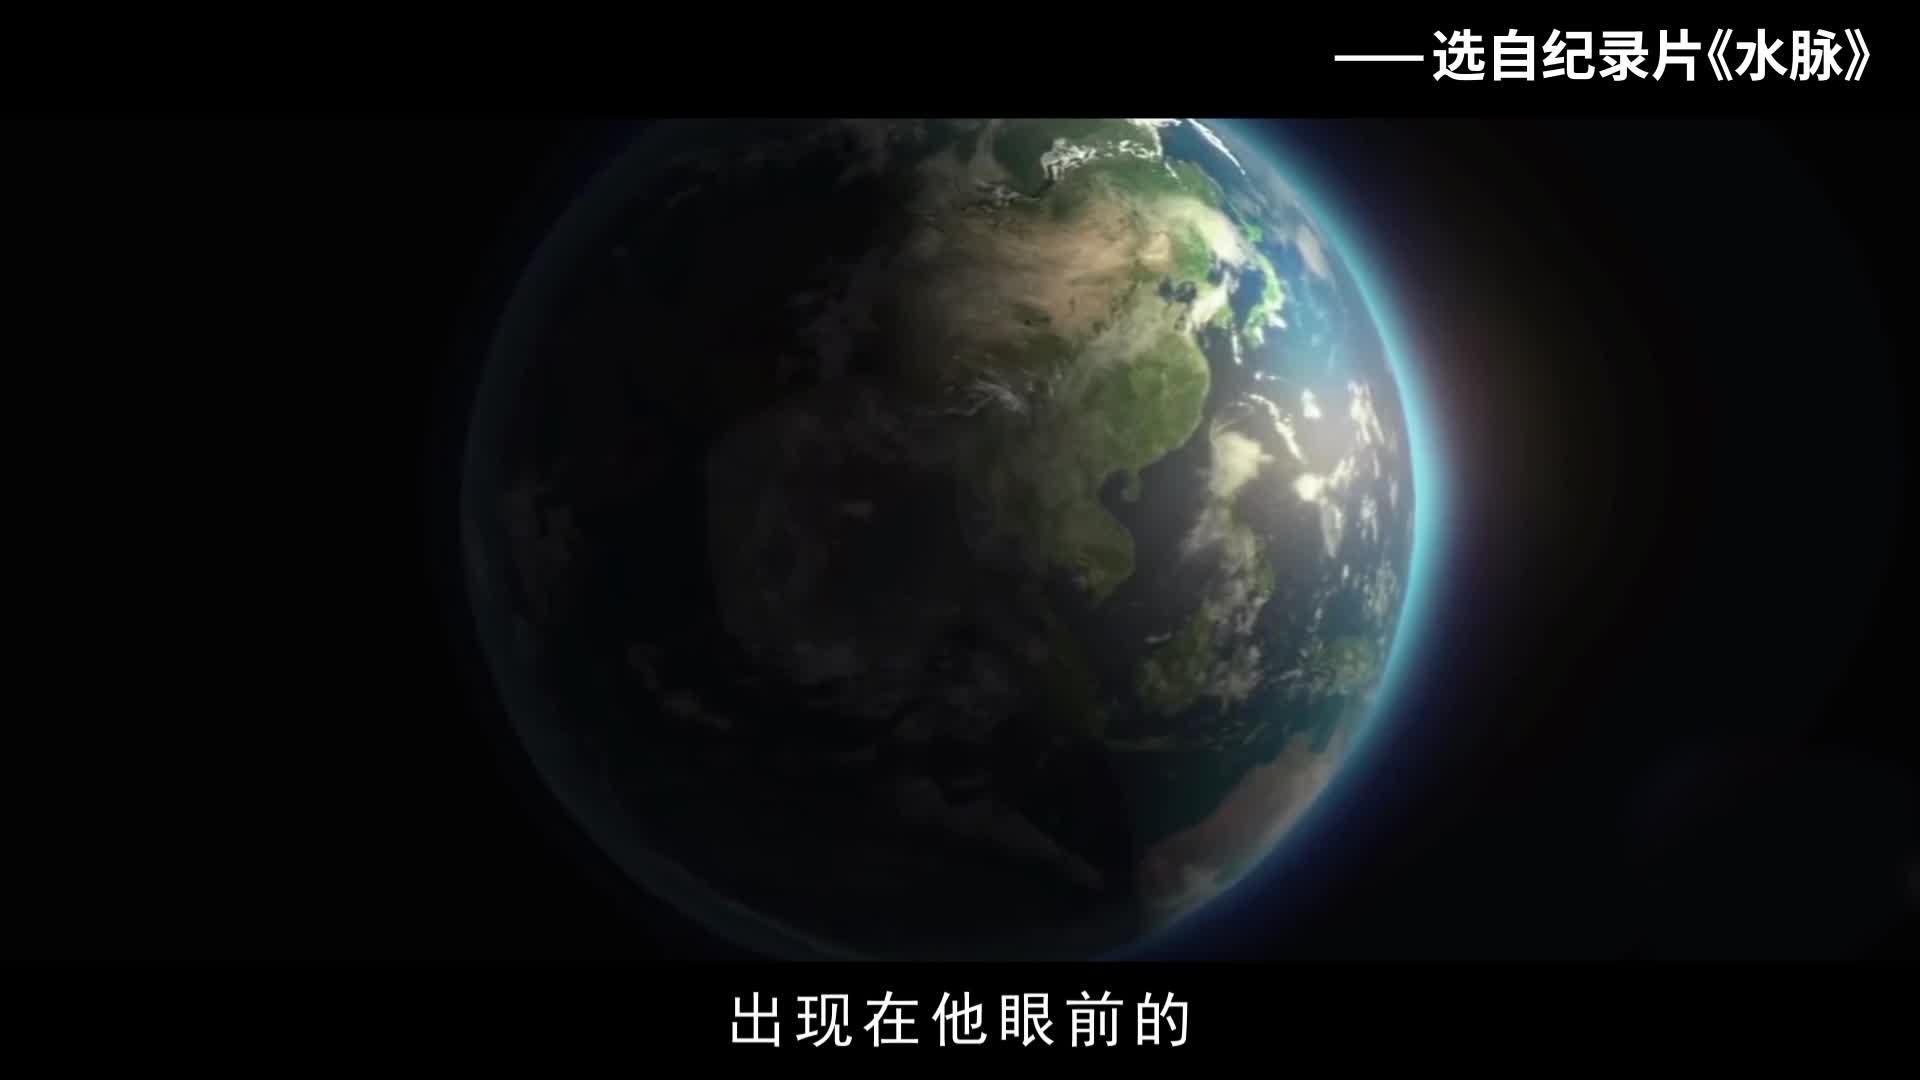 《科学嘻游记》 第27集 地球上的水